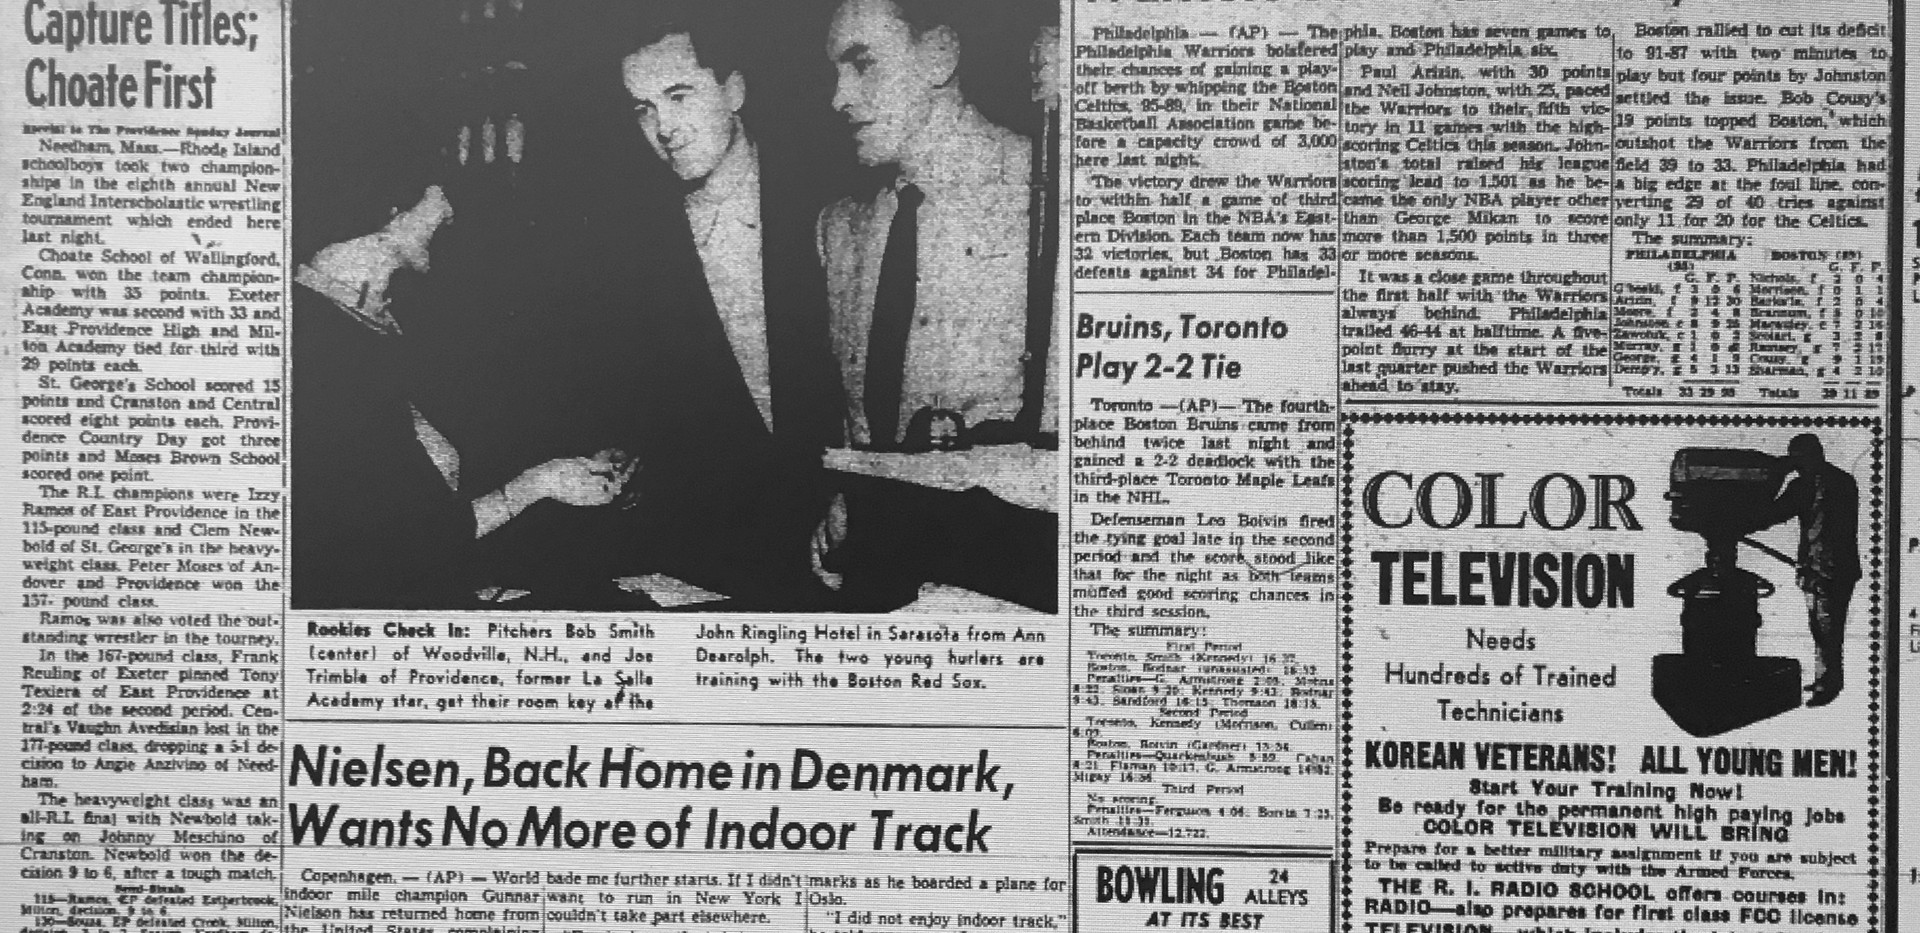 1955 New England Tournament